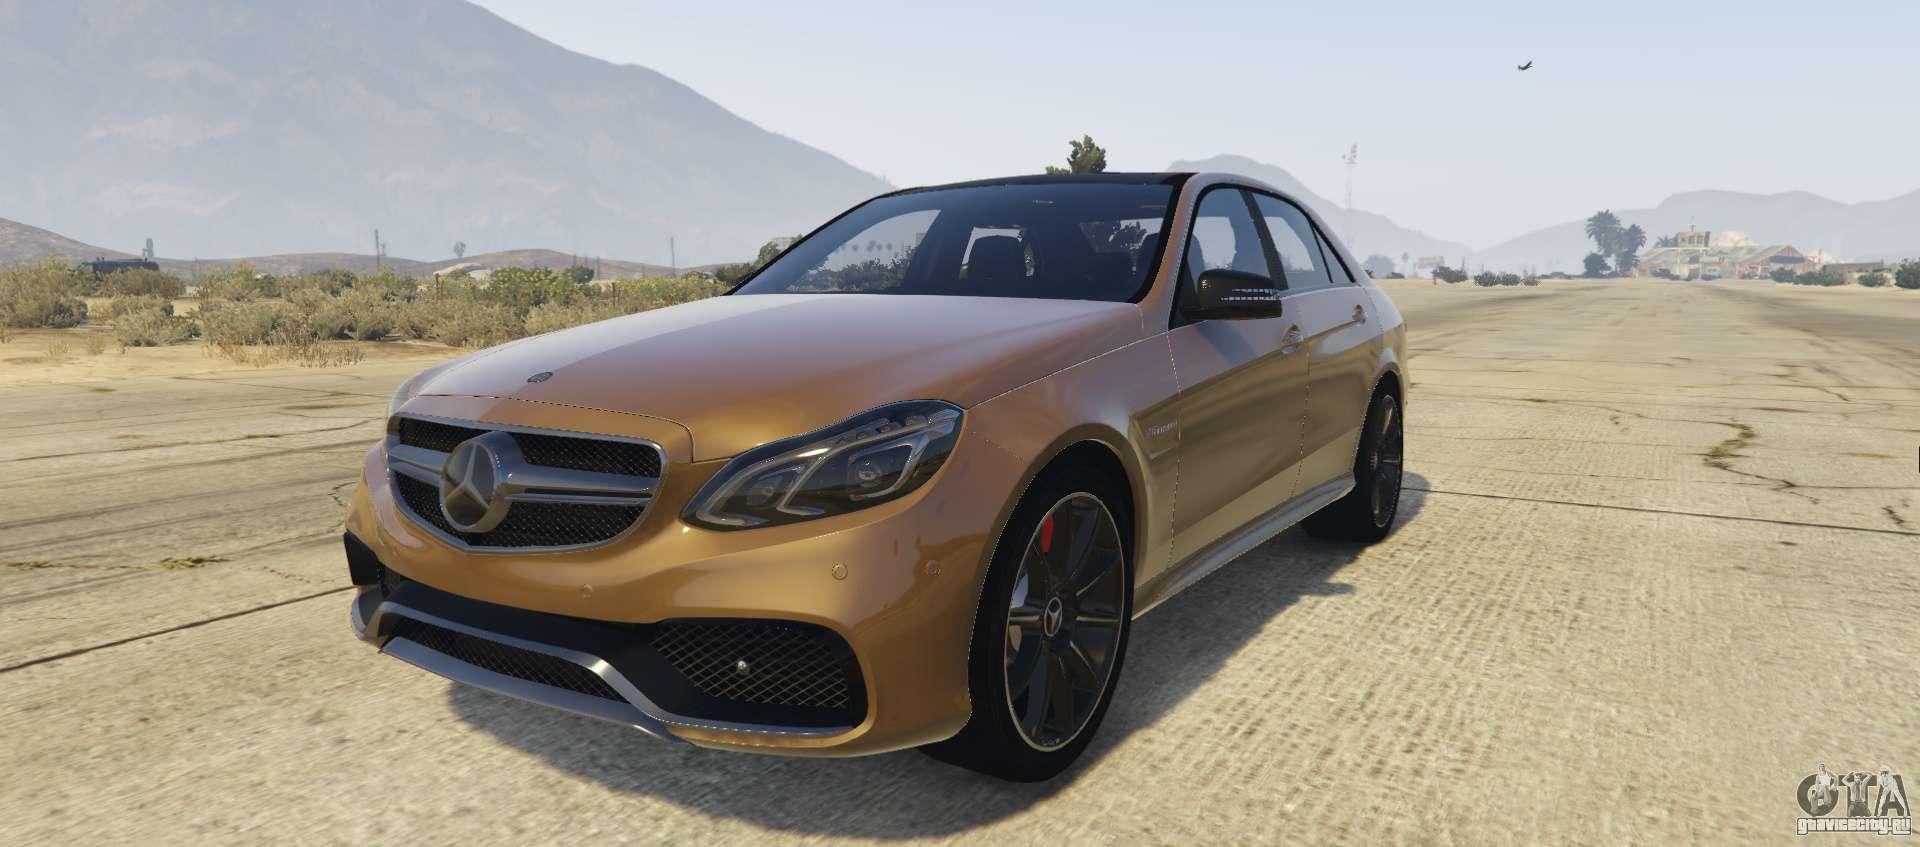 Mercedes benz e63 amg 2013 gta 5 for 2013 mercedes benz e63 amg